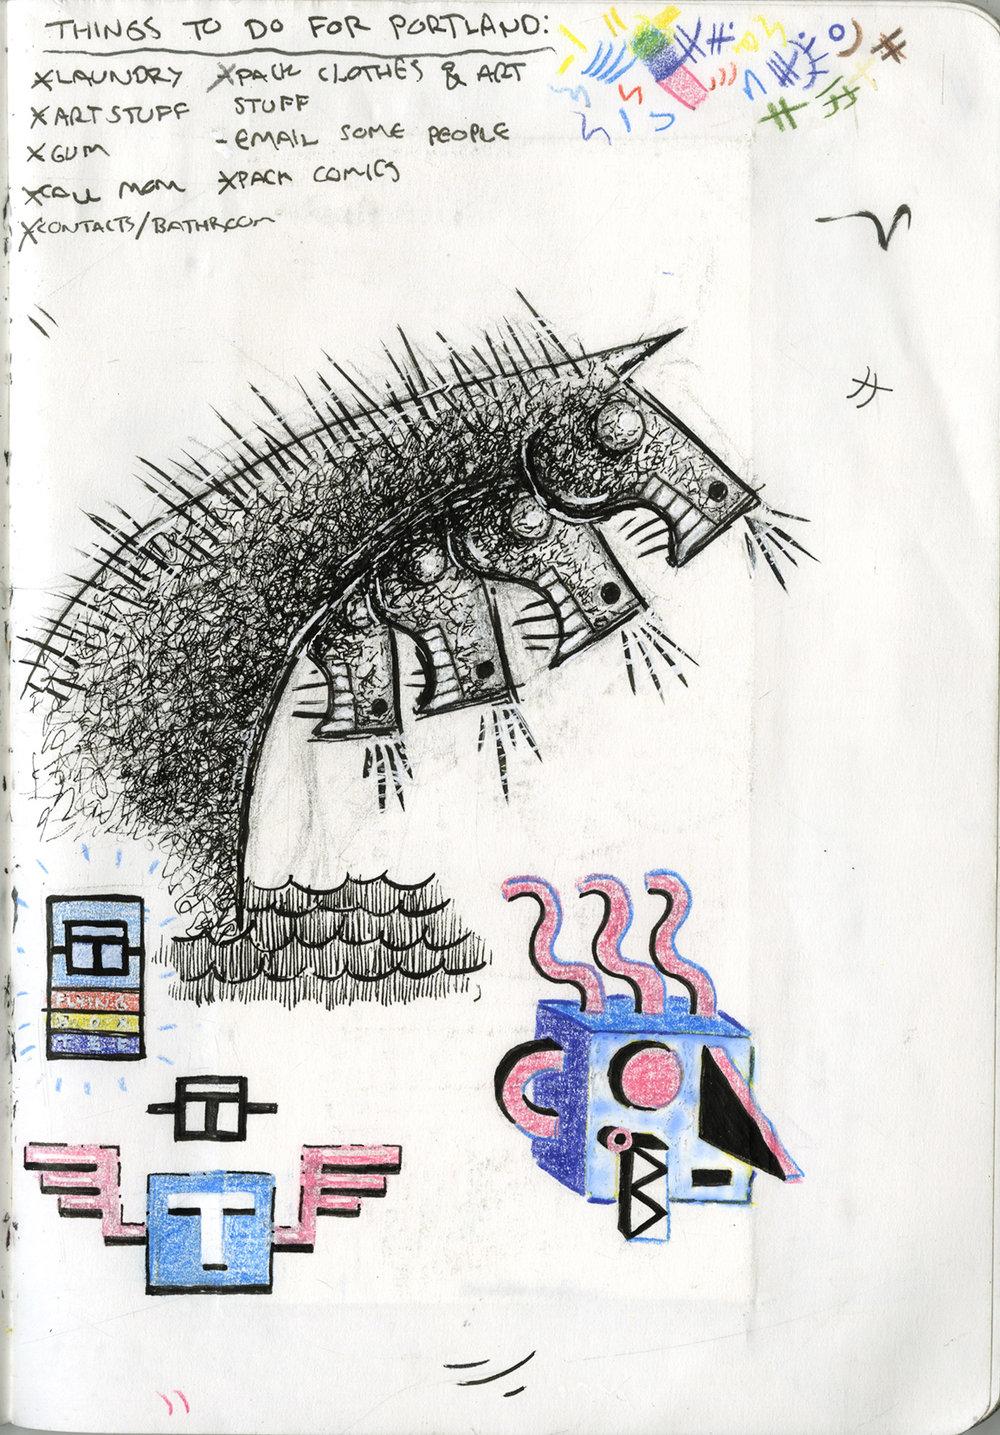 new_floppy_sketchbook_2_edits_17.jpg